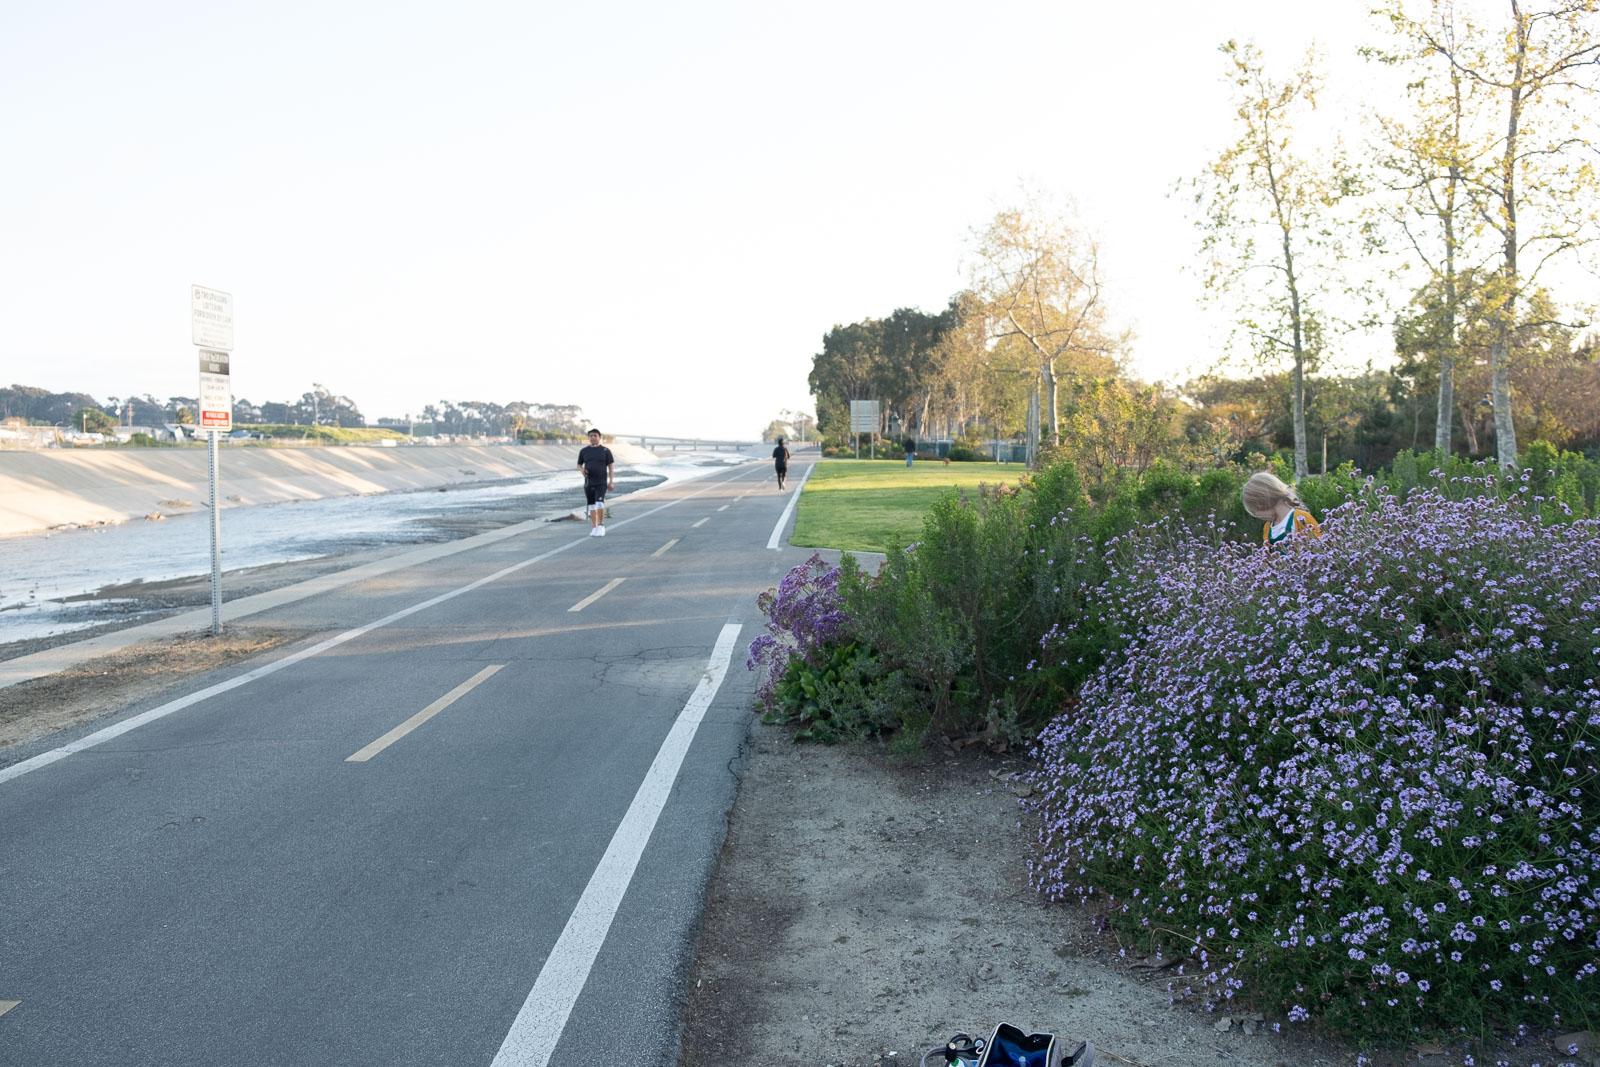 Unexpected Backdrop flower bed of purple flowers pullback karlee hooper